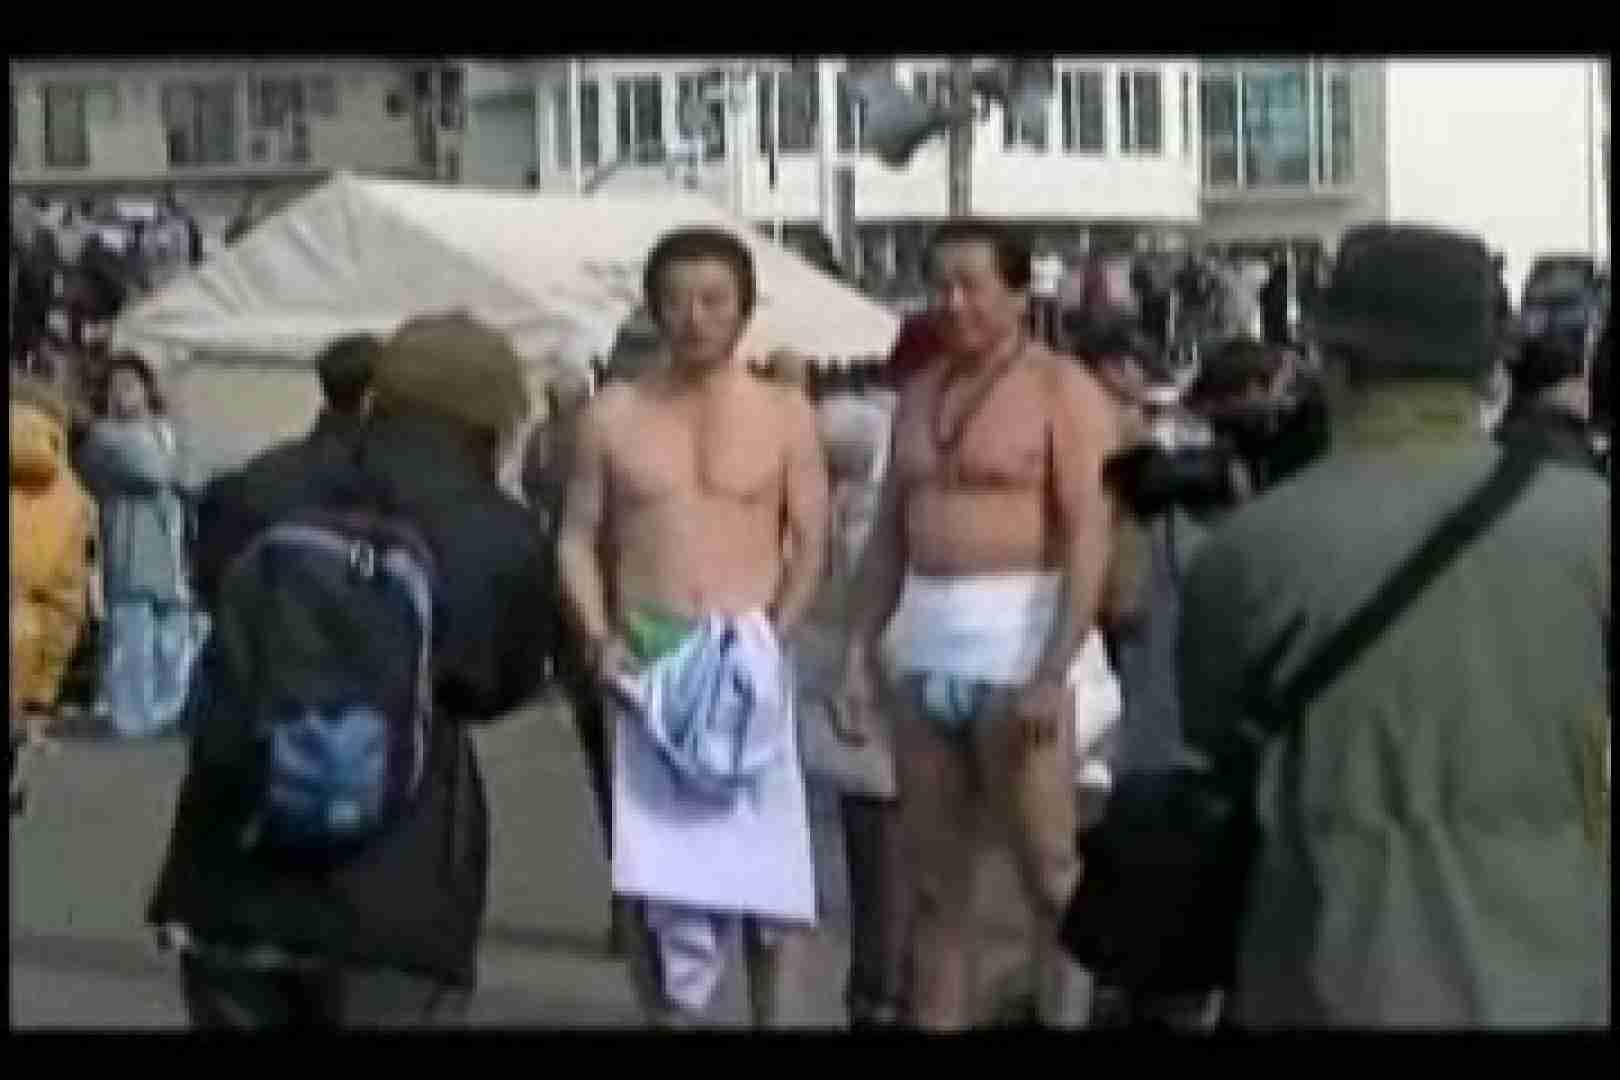 陰間茶屋 男児祭り VOL.1 男どうし   複数セフレプレイ ゲイ無料無修正画像 76pic 49